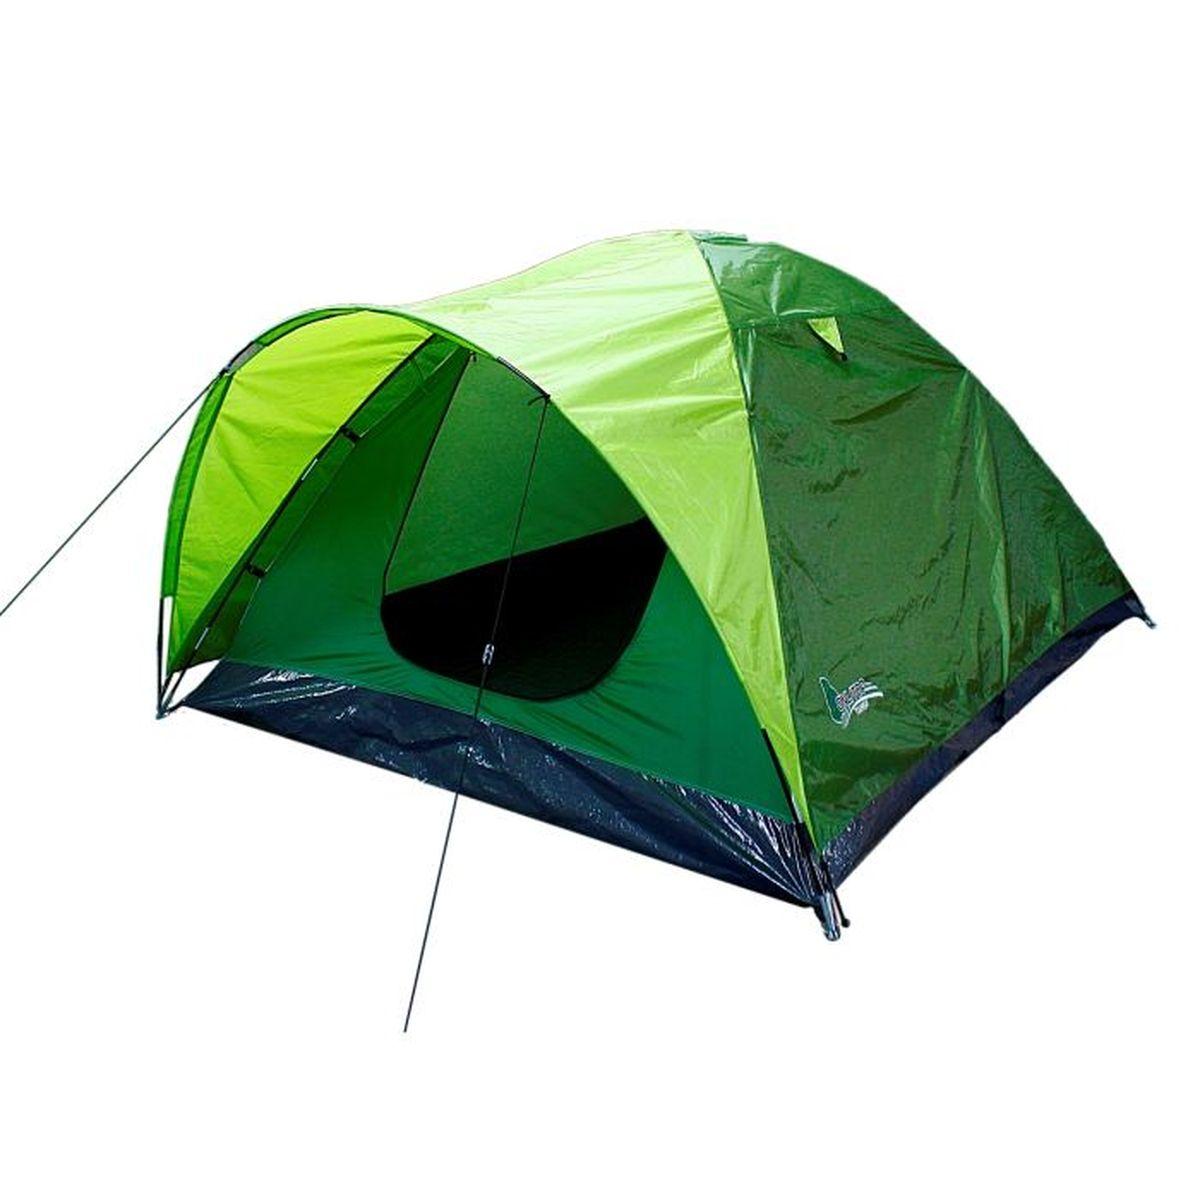 Палатка туристическая Onlitop COLITE 3, двухслойная, цвет: зеленыйTTT-002.09Двухслойная туристическая палатка COLITE — это незаменимое спальное место в походных условиях. Она станет вашим вторым домом в походе и отдыхе на природе. Объём палатки позволяет с комфортом разместиться трём людям сразу или двоим с дополнительным багажом. Она имеет дополнительное место в виде тамбура, за счёт чего вы сэкономите драгоценное пространство. Ткань рипстоп увеличит срок эксплуатации изделия благодаря своей прочности.